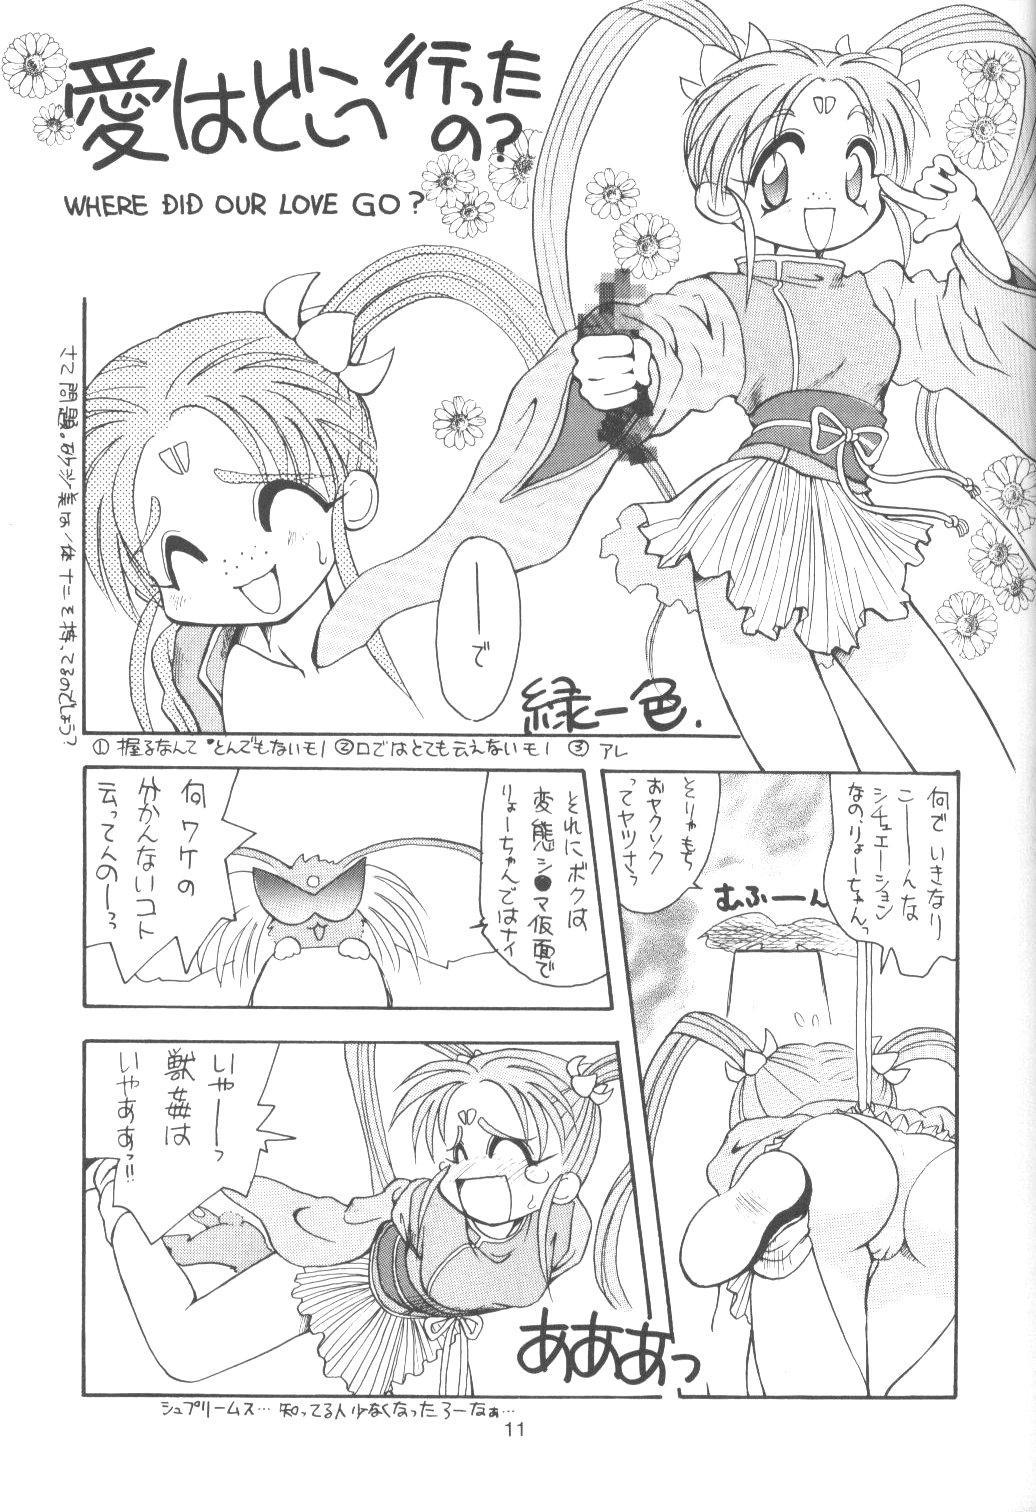 Tabeta Kigasuru 13 9